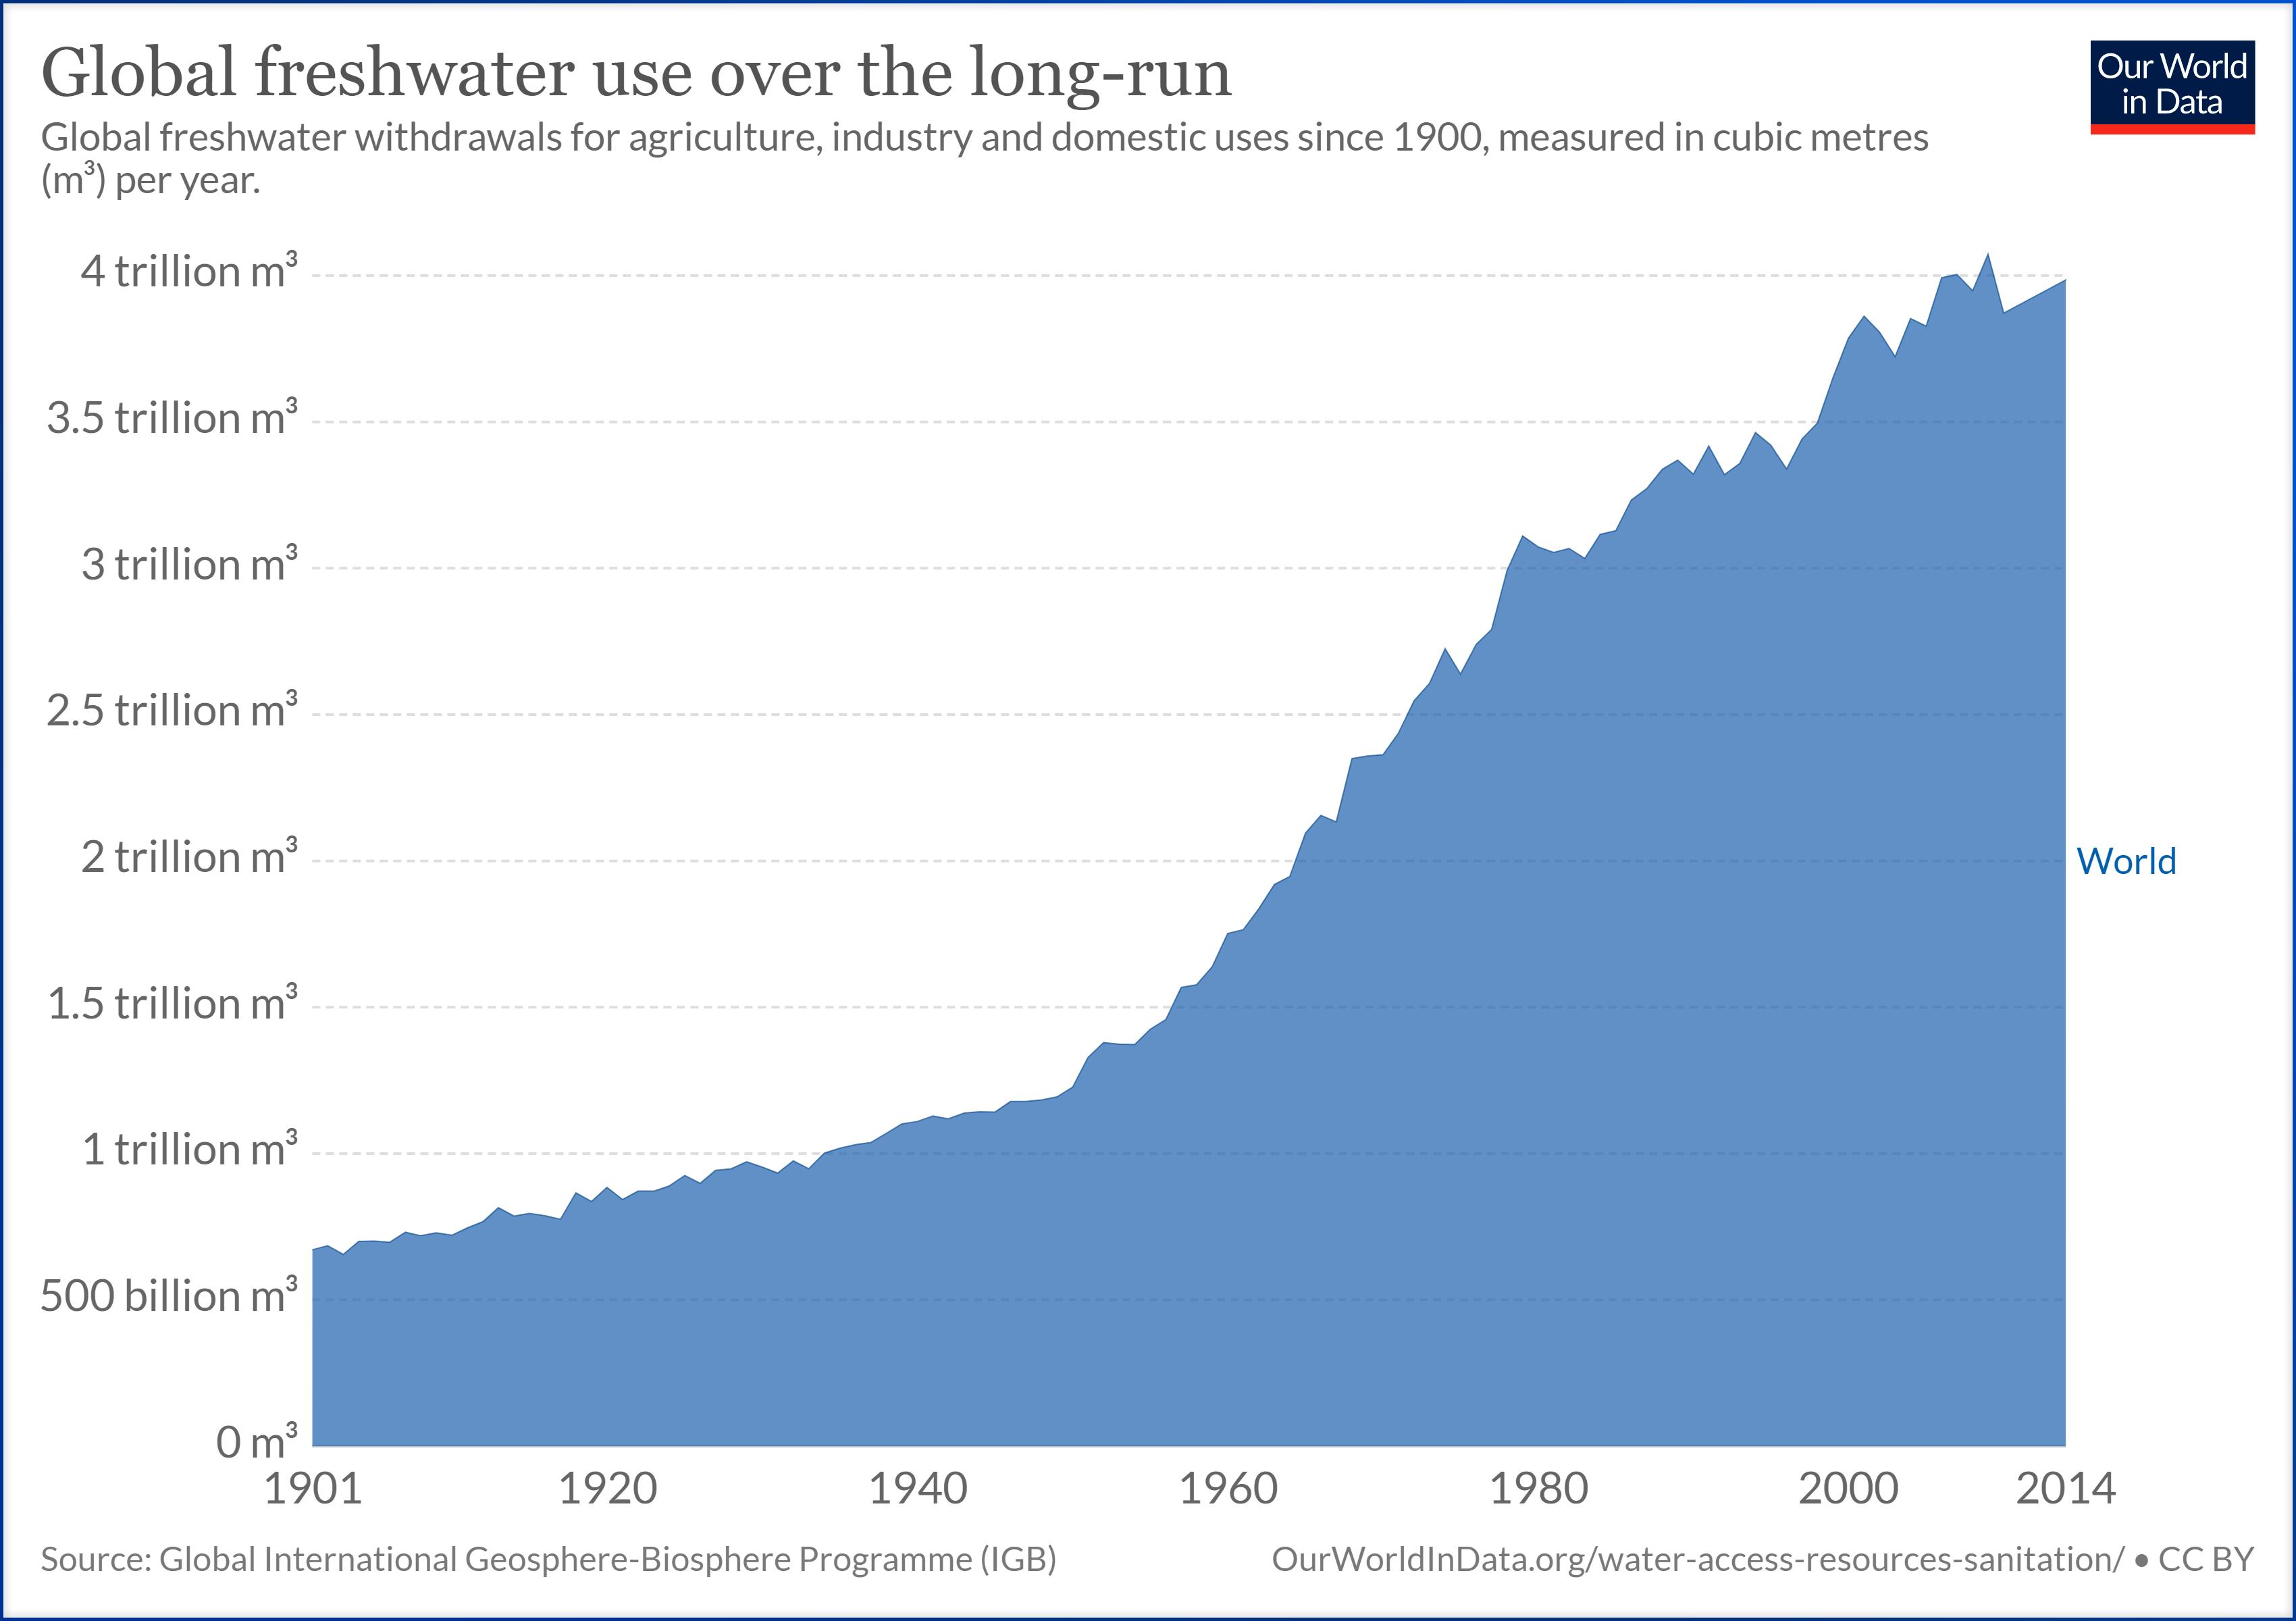 agua-uso-mundial-historico